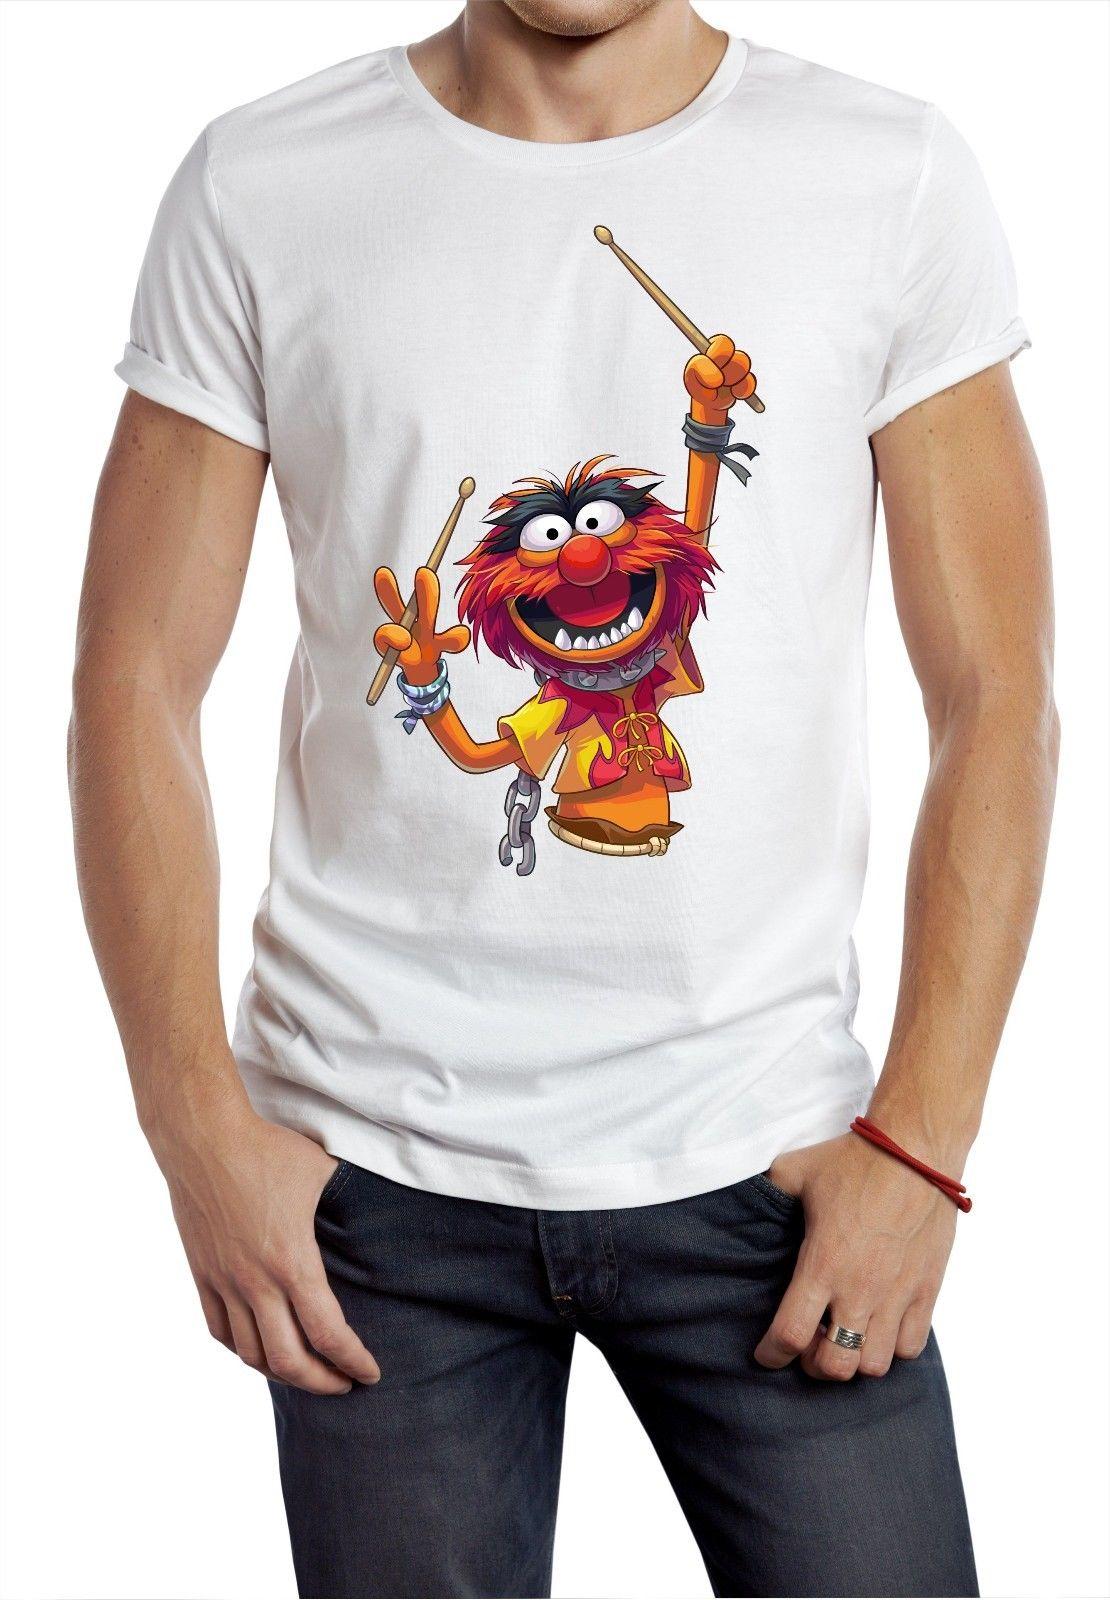 Camiseta de Animal blanca de los años 80 y 90, camiseta Retro de baterista, divertida camiseta de dibujos animados de cerdito salvaje de Kermit, nueva camiseta Unisex para hombres 032464